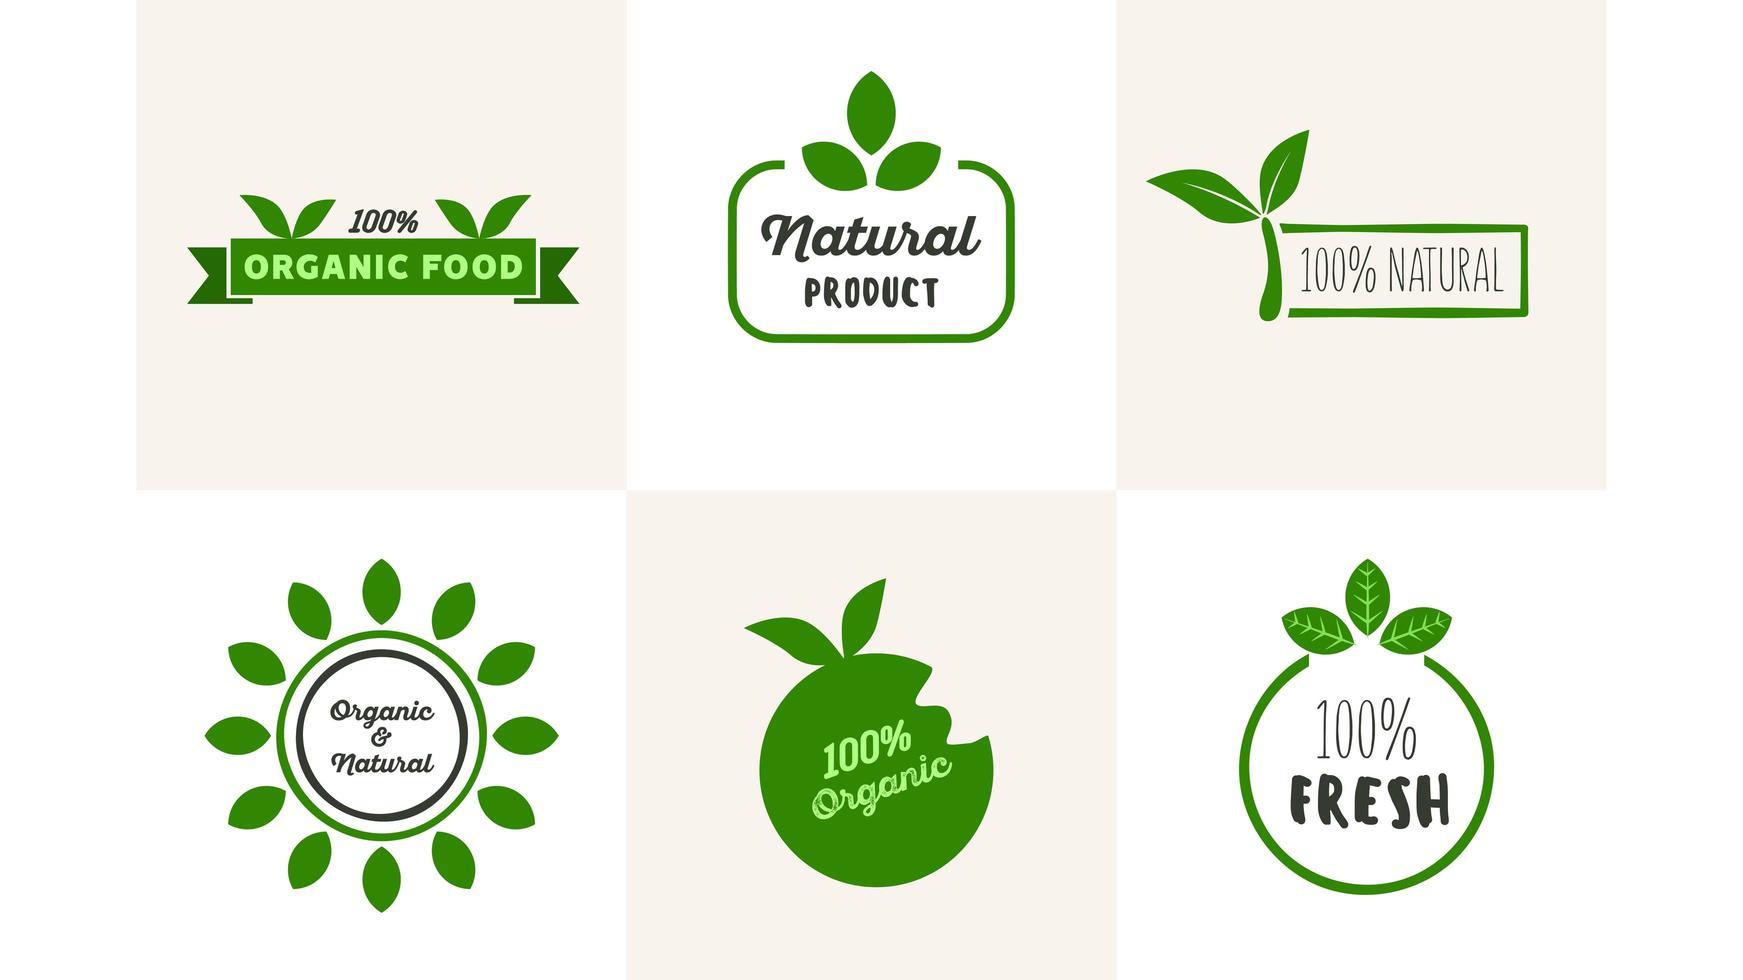 insieme di marchio di alimenti naturali biologici freschi vettore